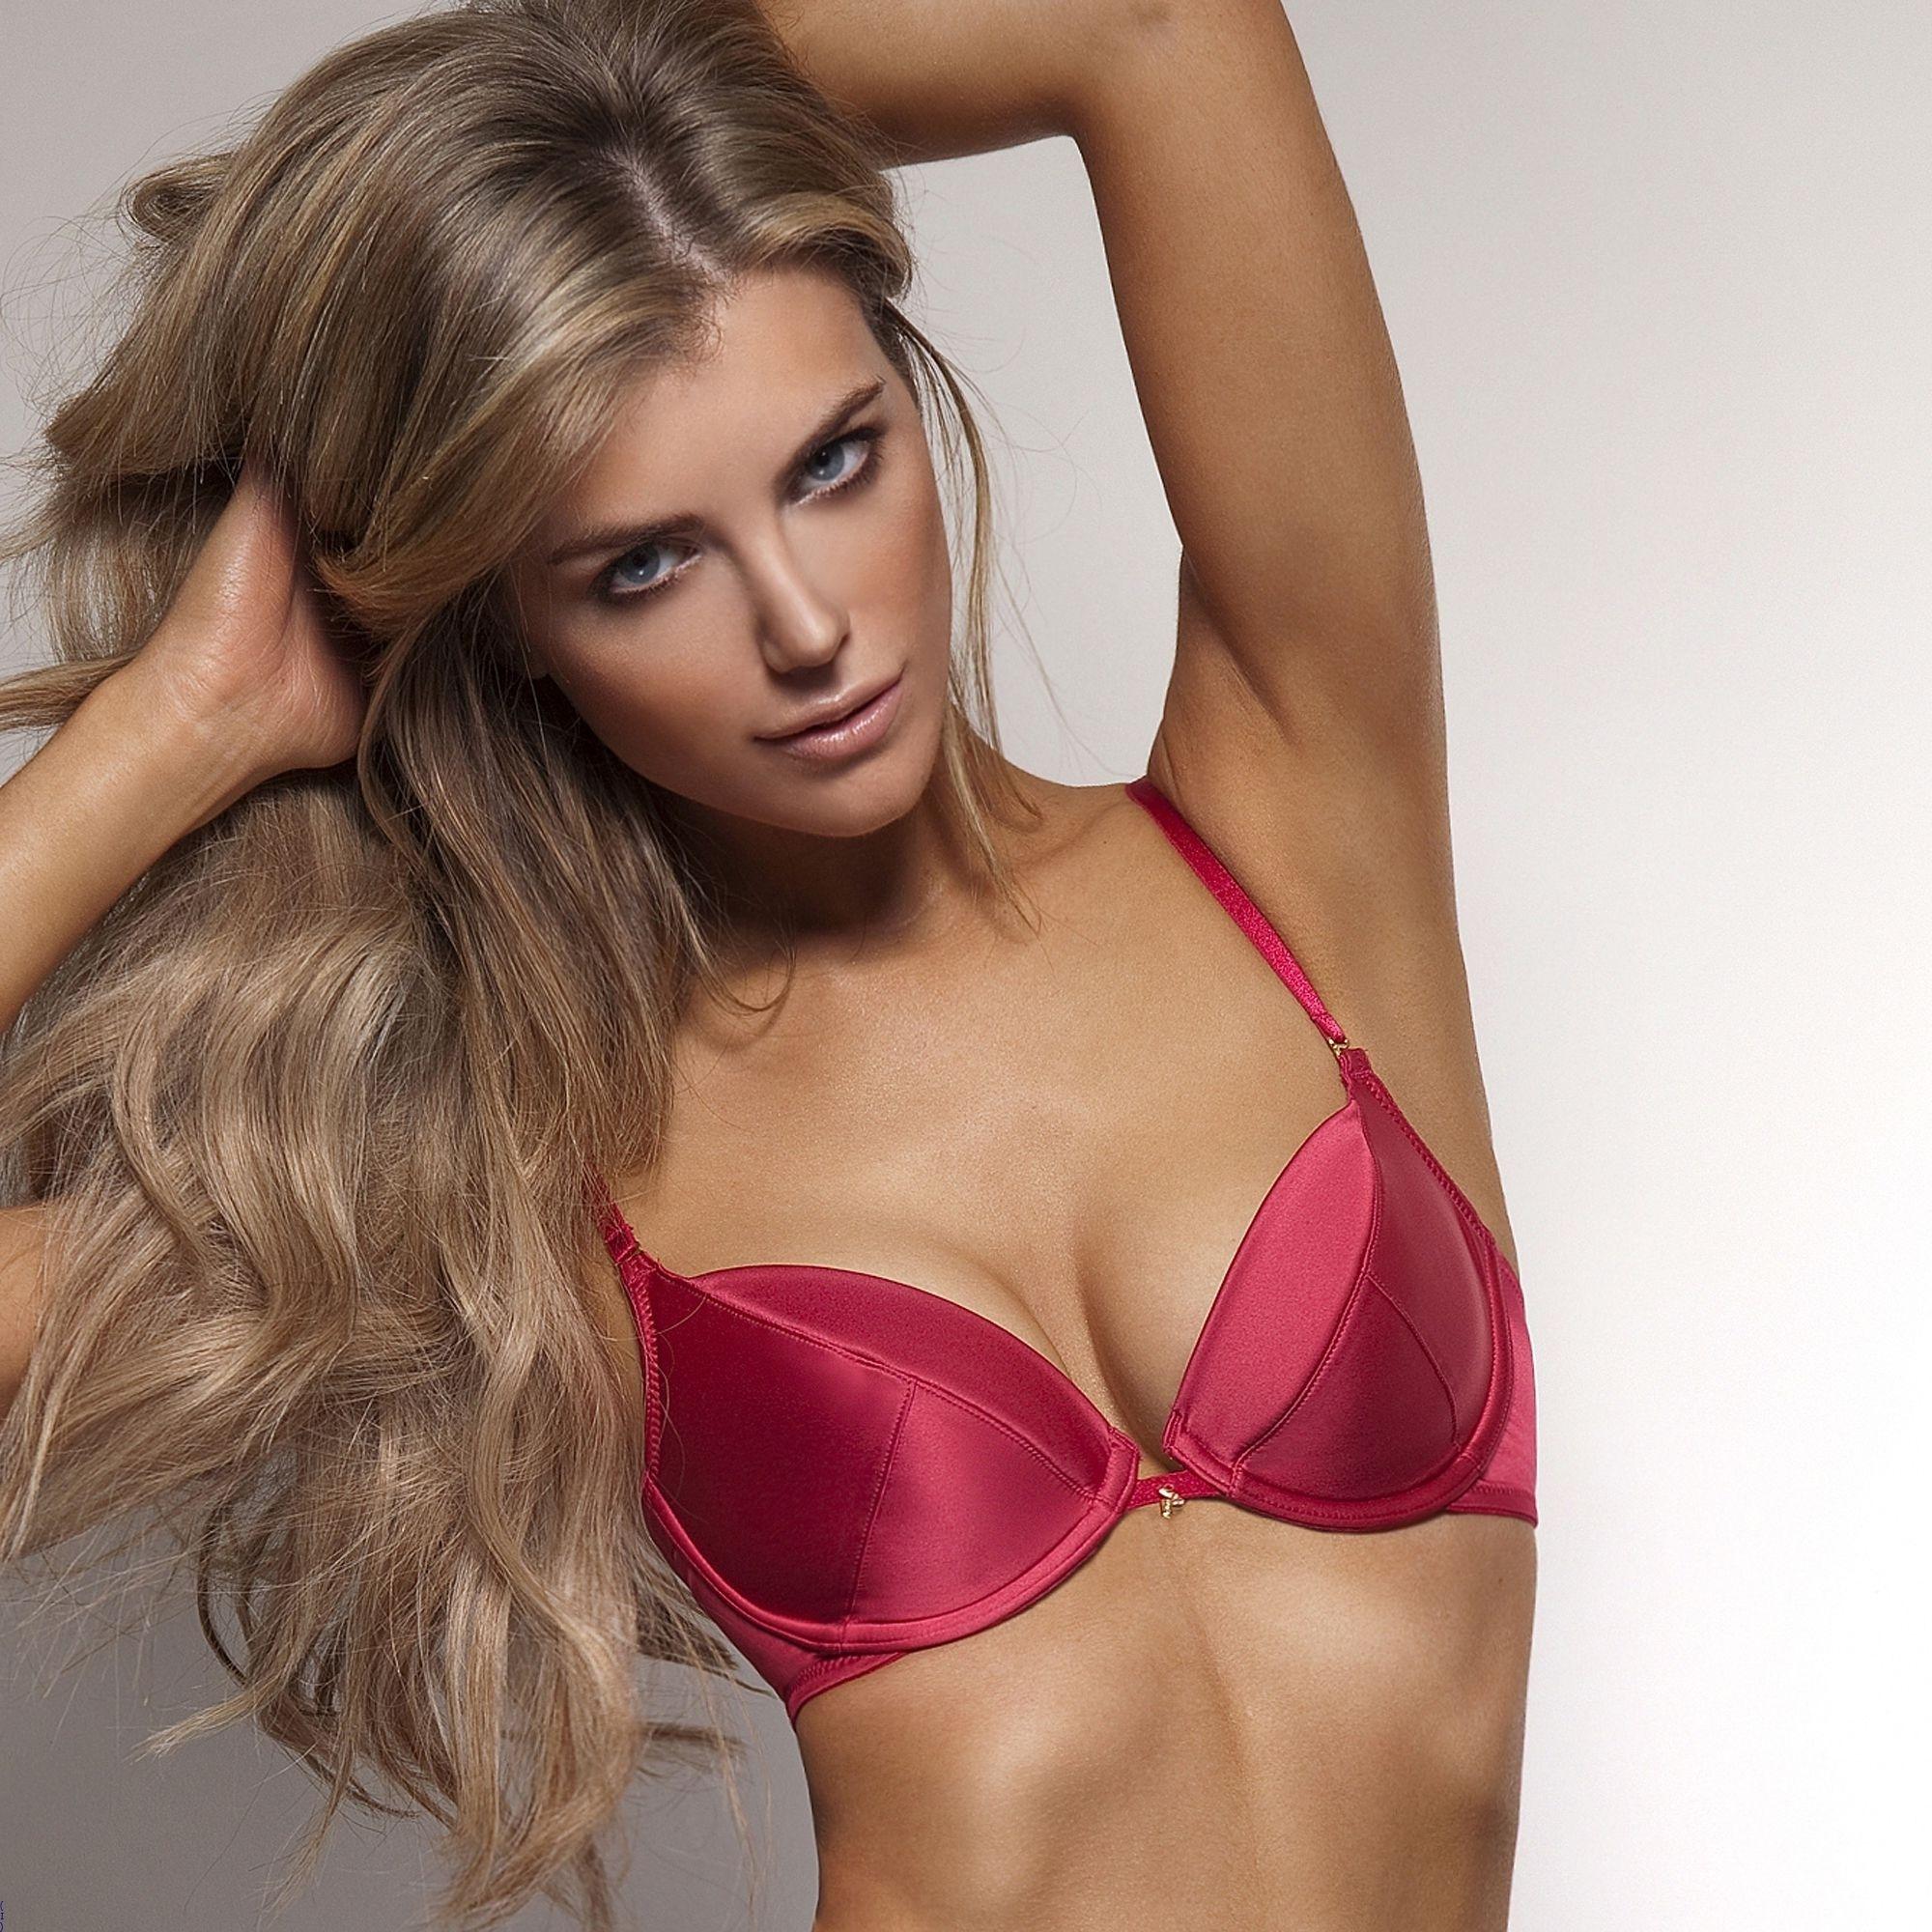 Elle Liberachi hot women 16083365 2000 2000 ginger haired porn